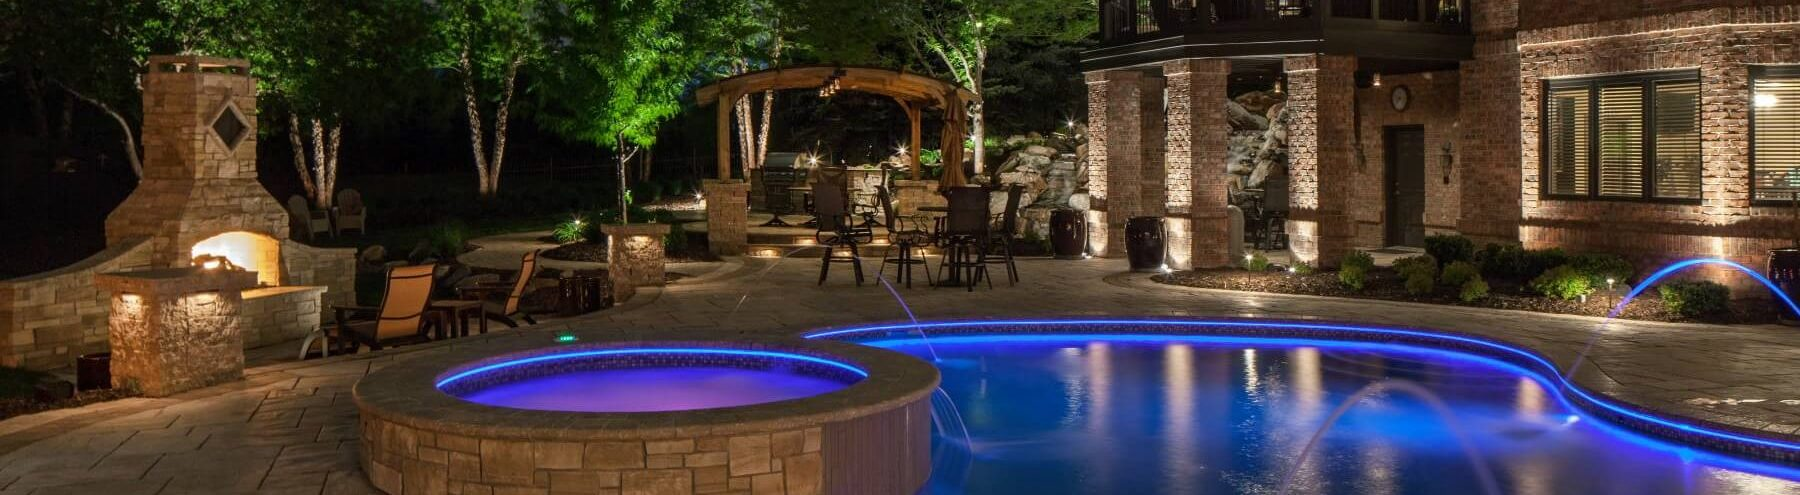 Pool landscape lighting mckay landscape lighting for Pool design omaha